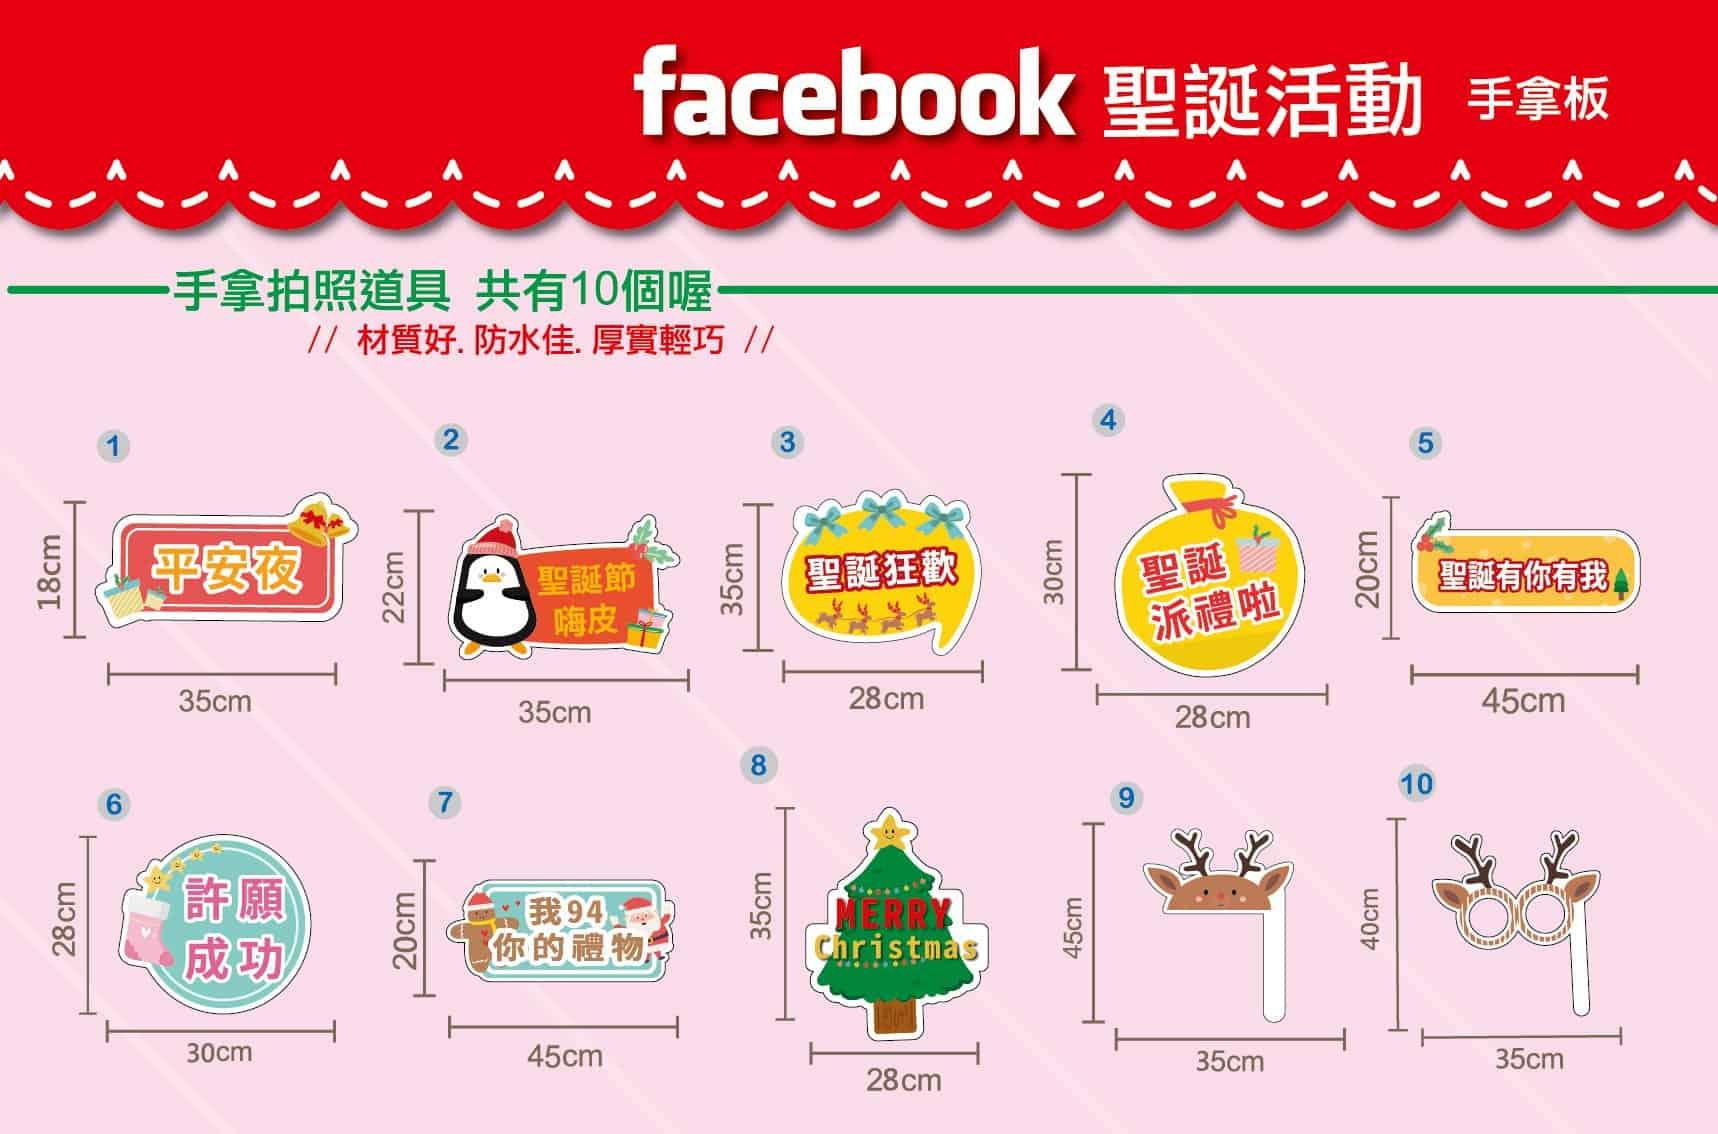 20210831-4聖誕節-手拿板_手拿板平台資訊-Christmas-2